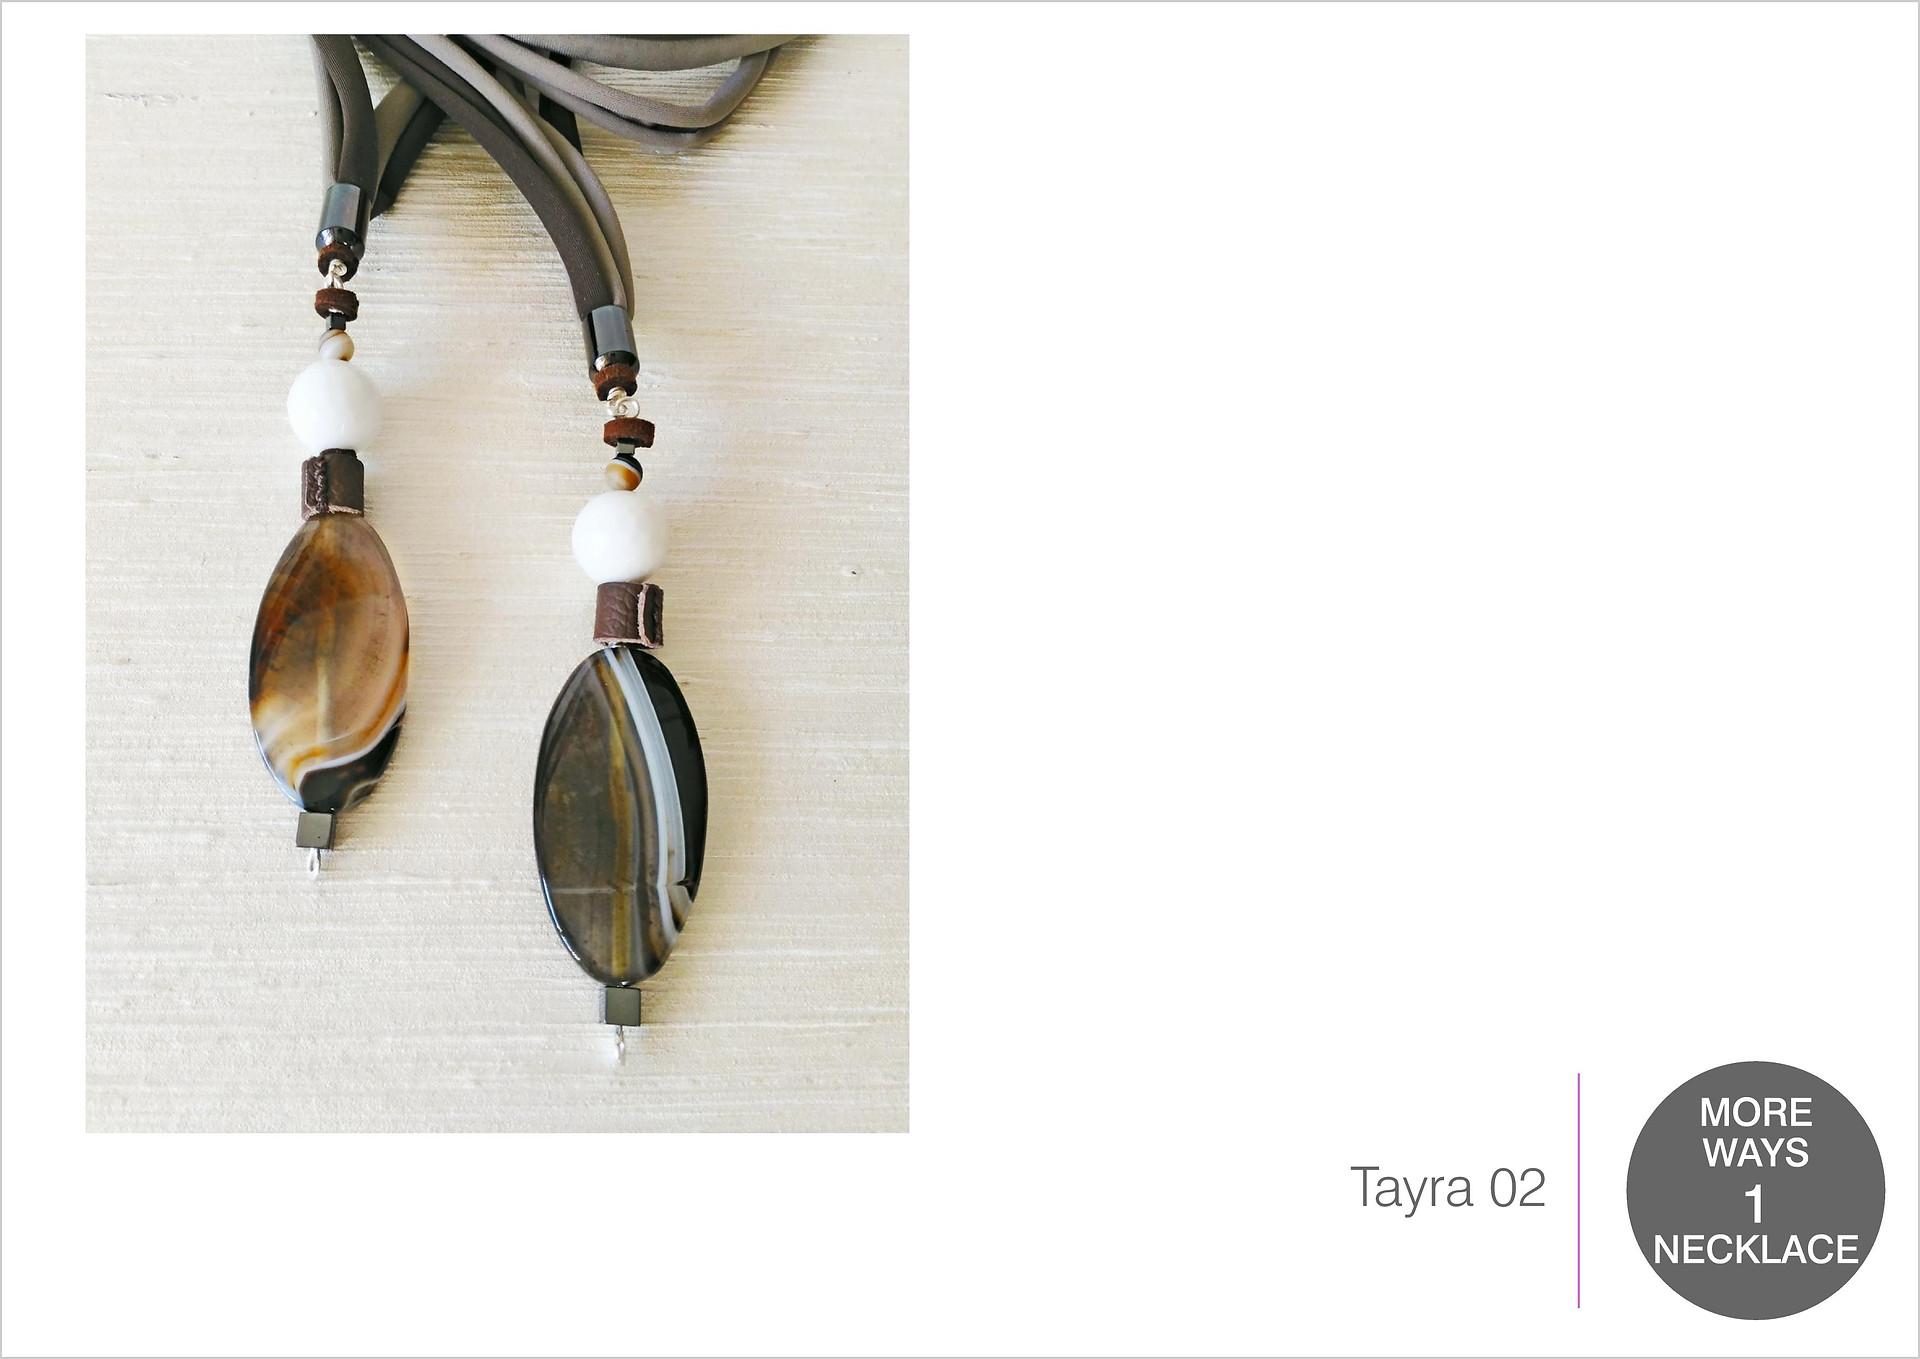 Tayra 02